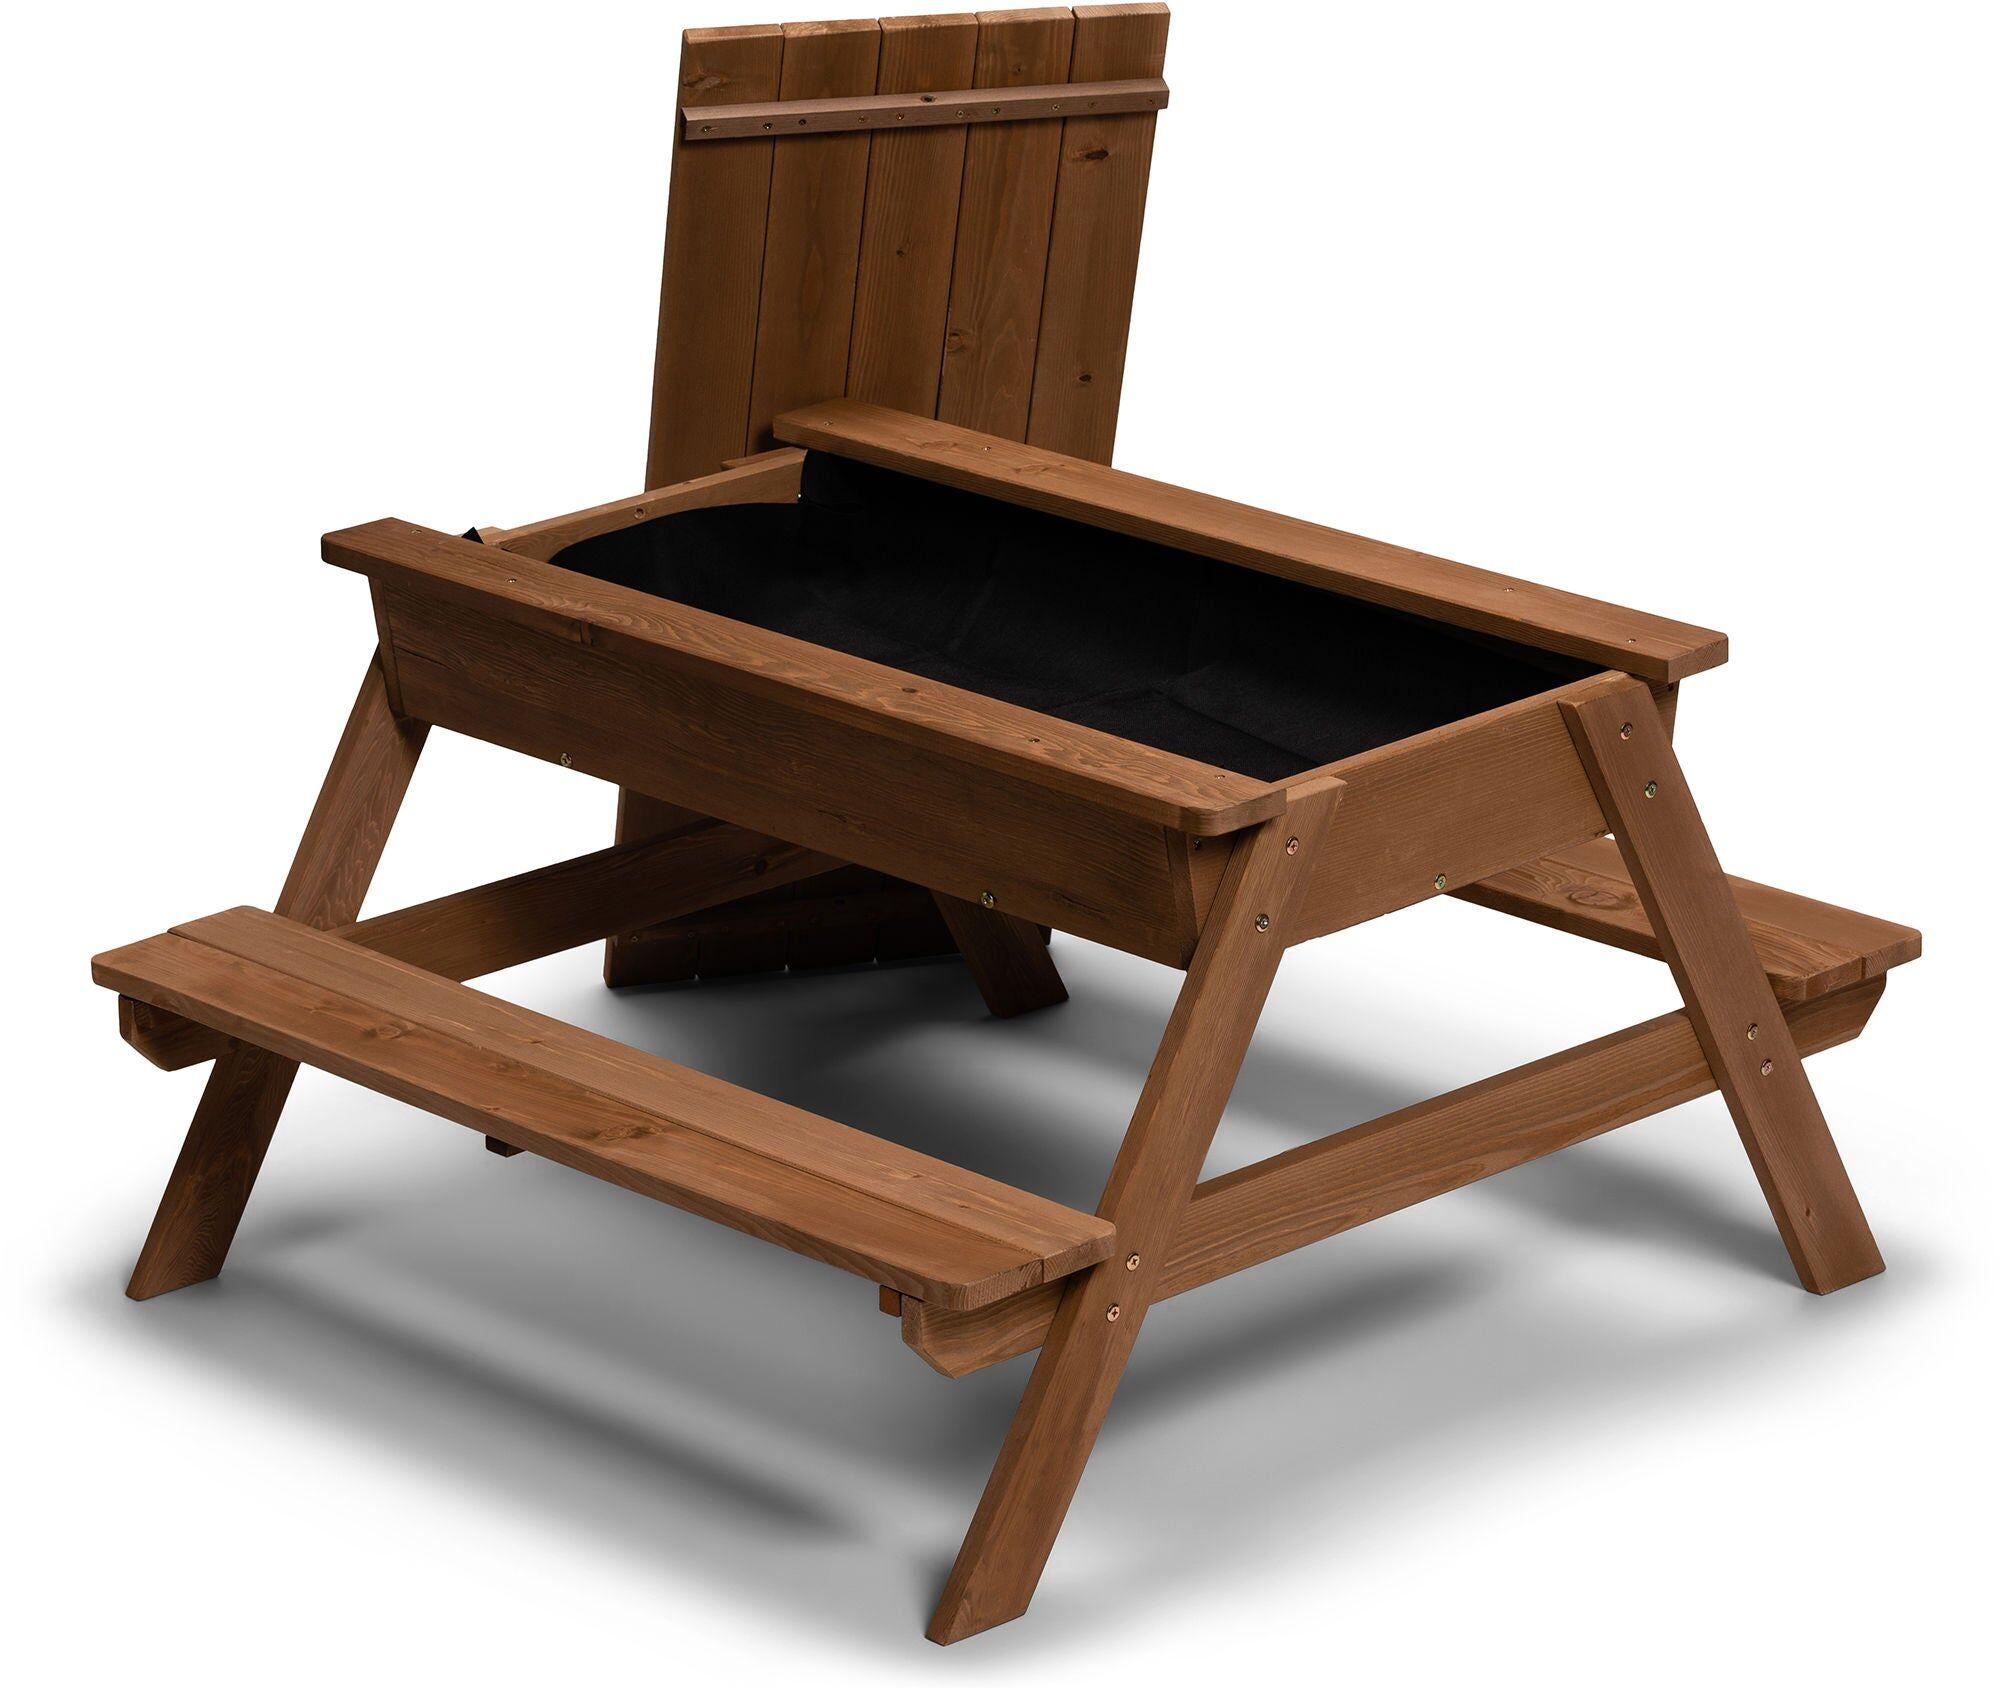 Woodlii Piknikbord med Sandkasse + Lokk, Brun